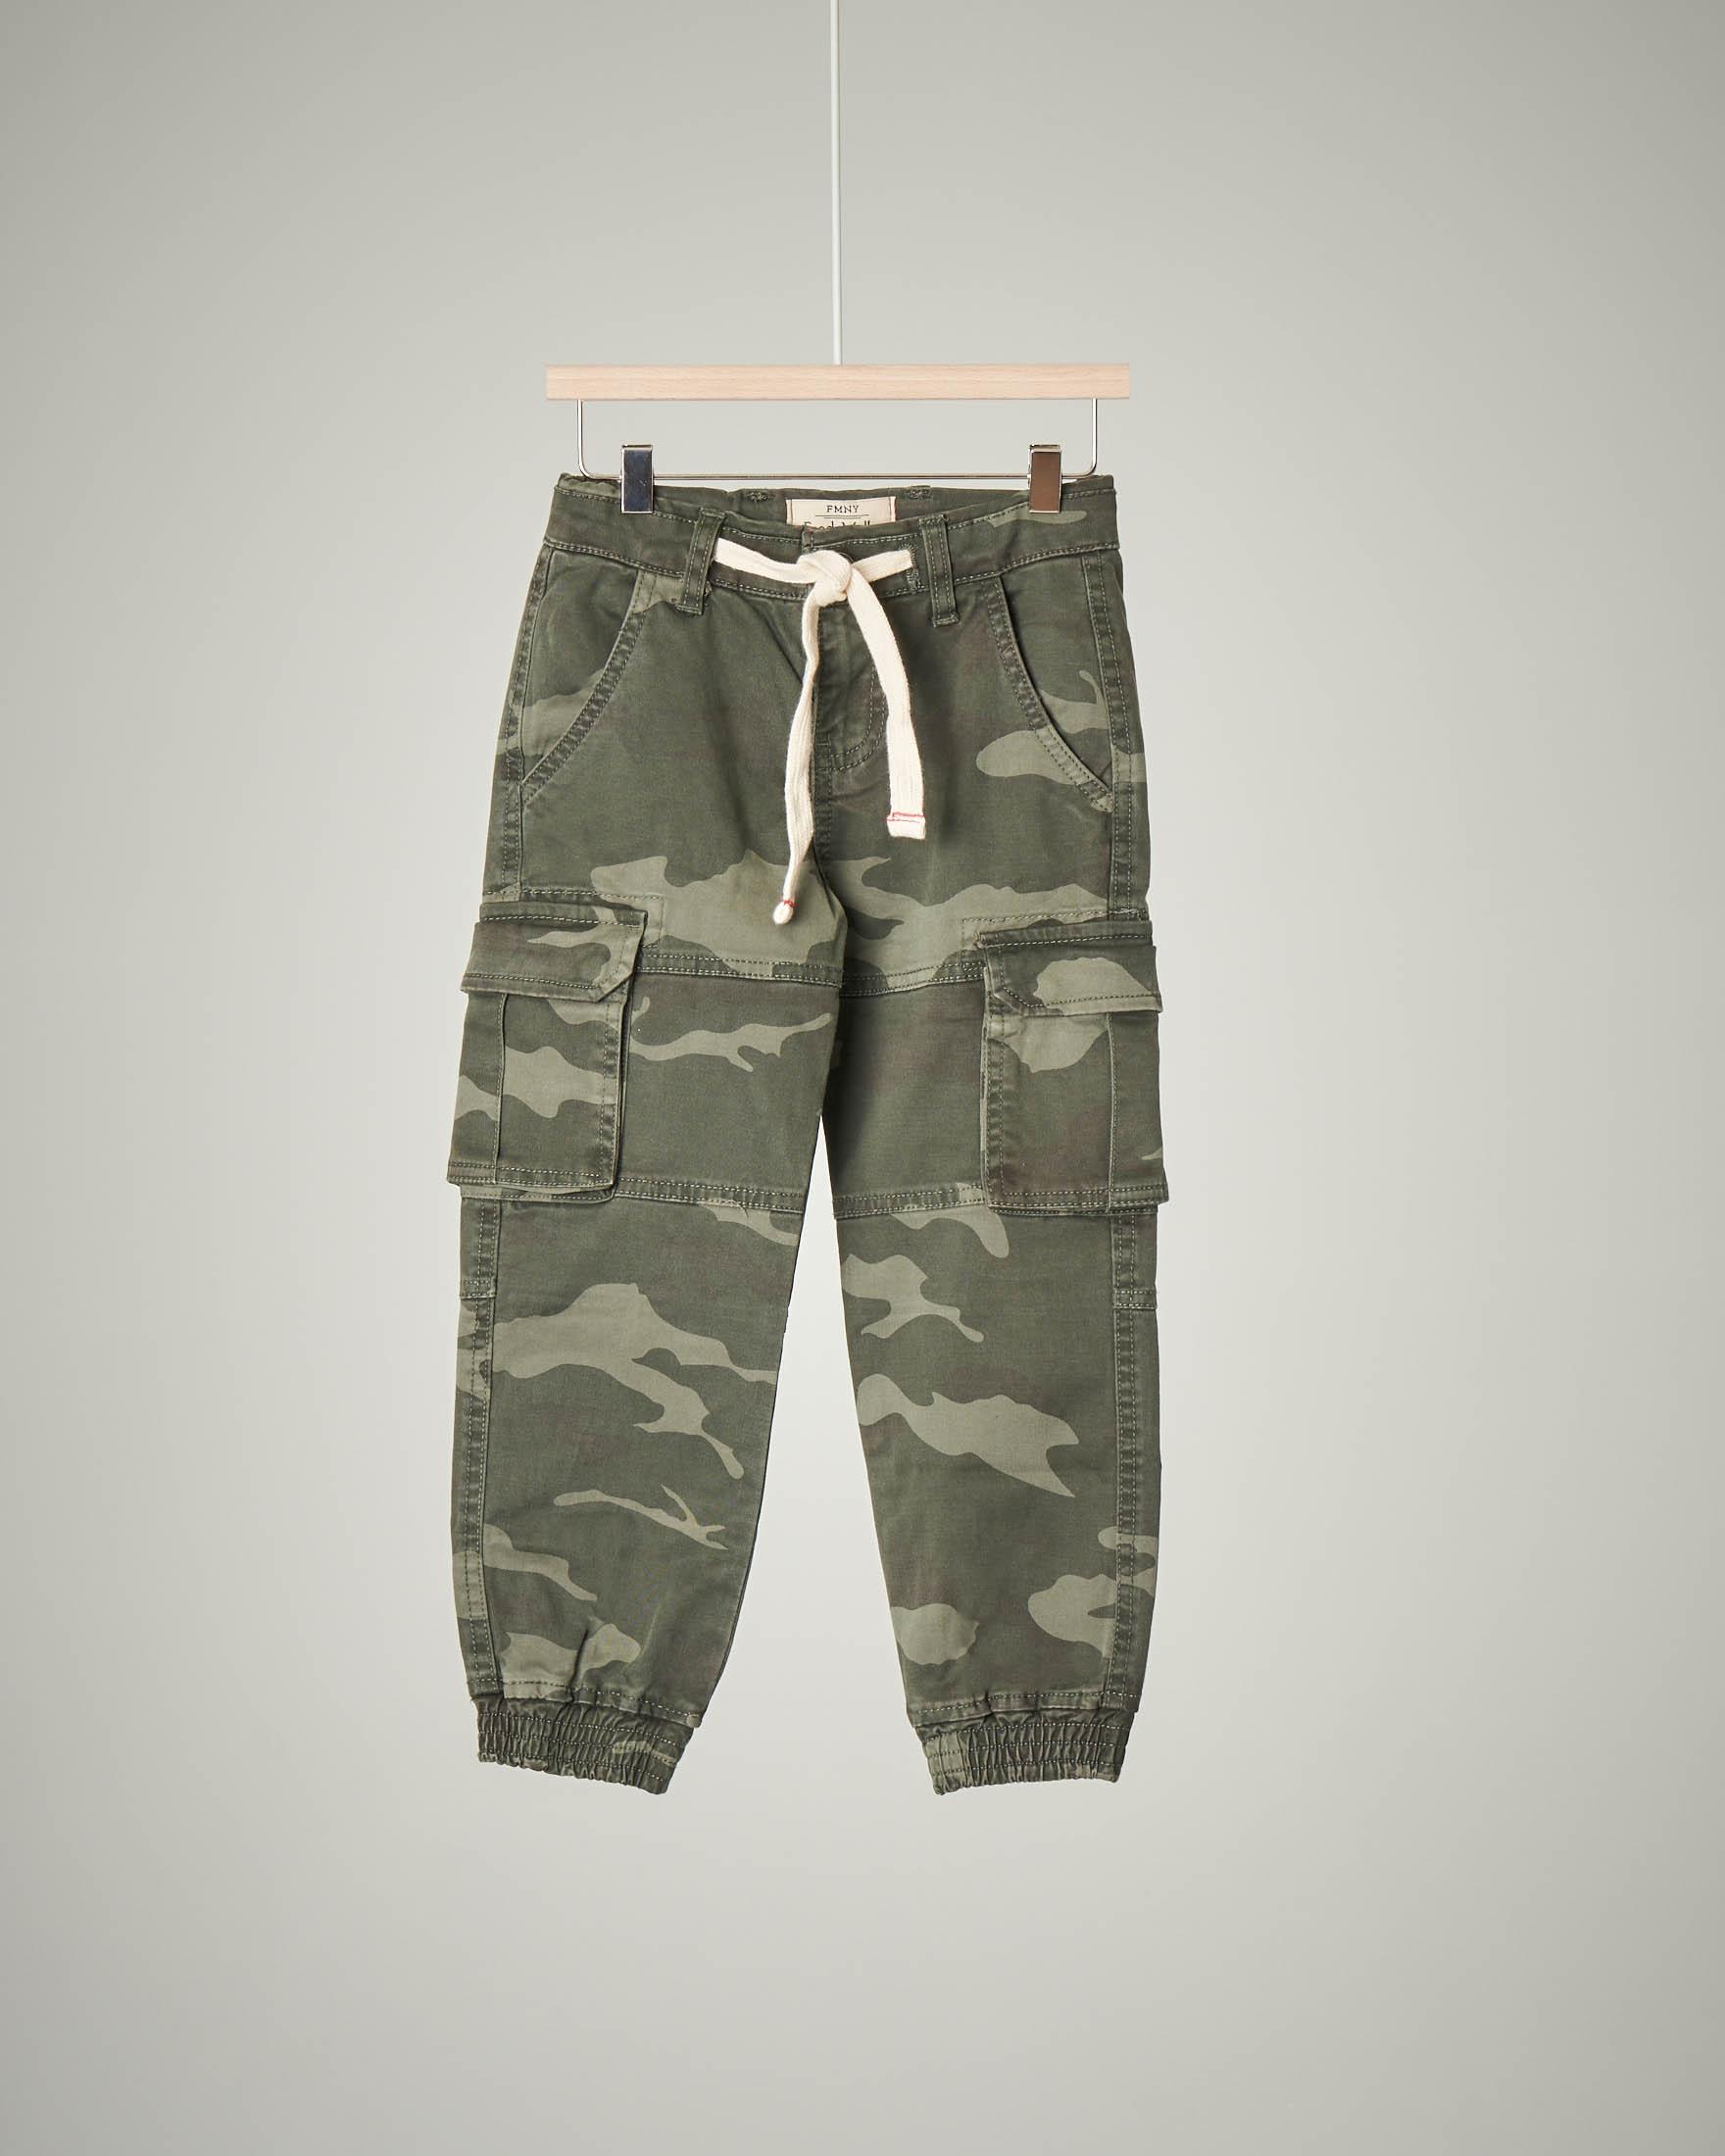 Pantalone militare con tasconi